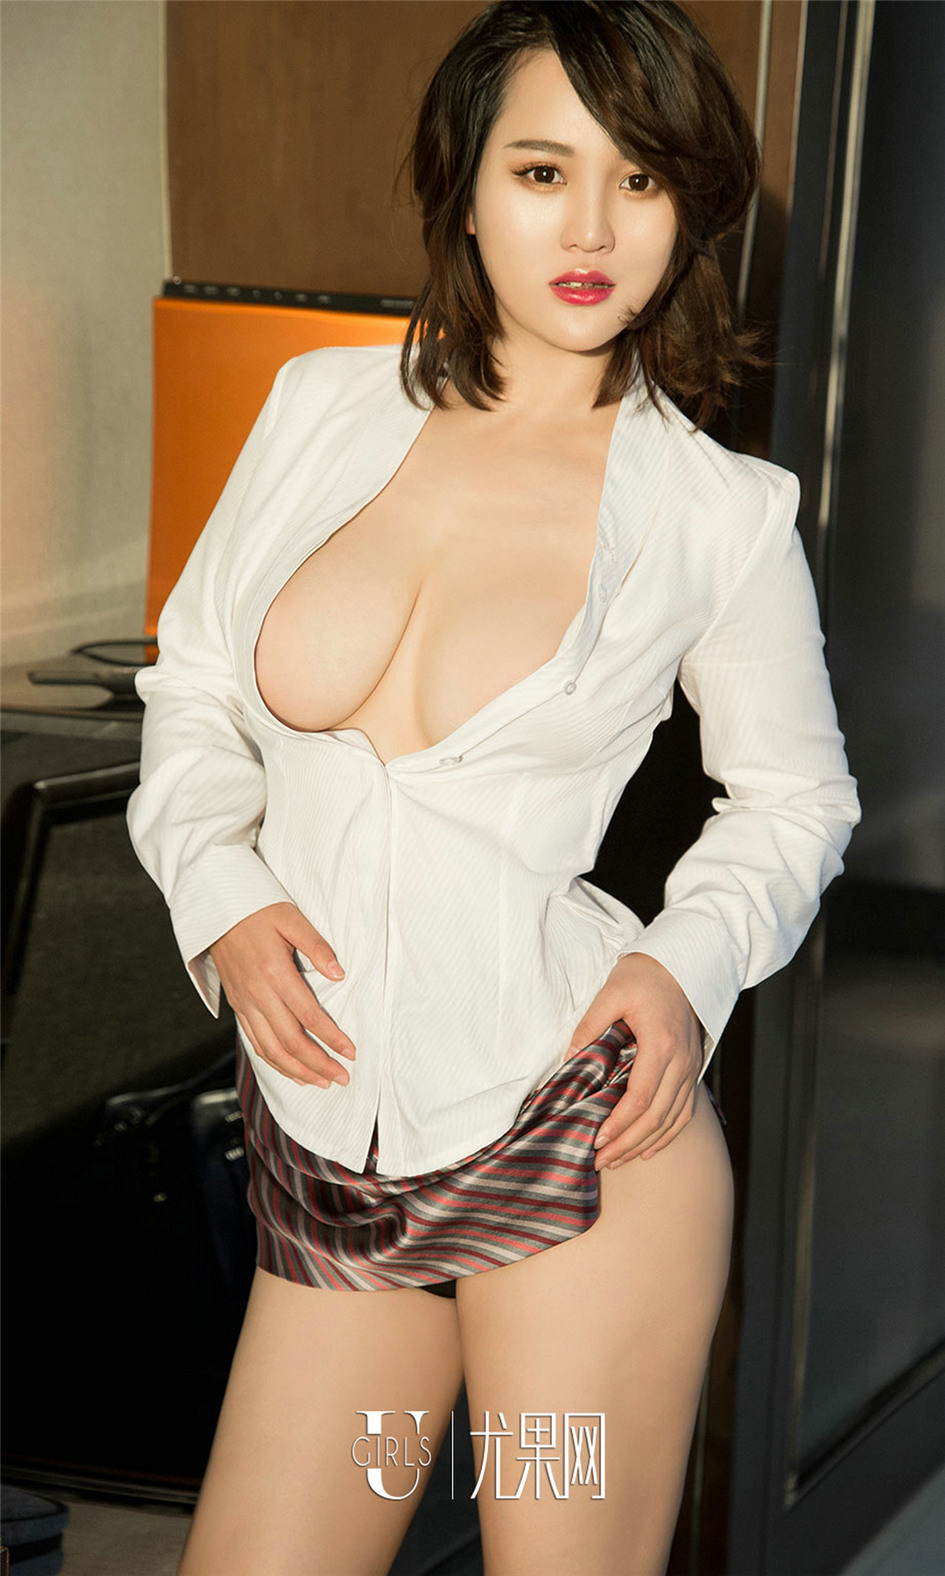 [尤果网] 大胸丁字裤性感美女Jona写真图片 第669期